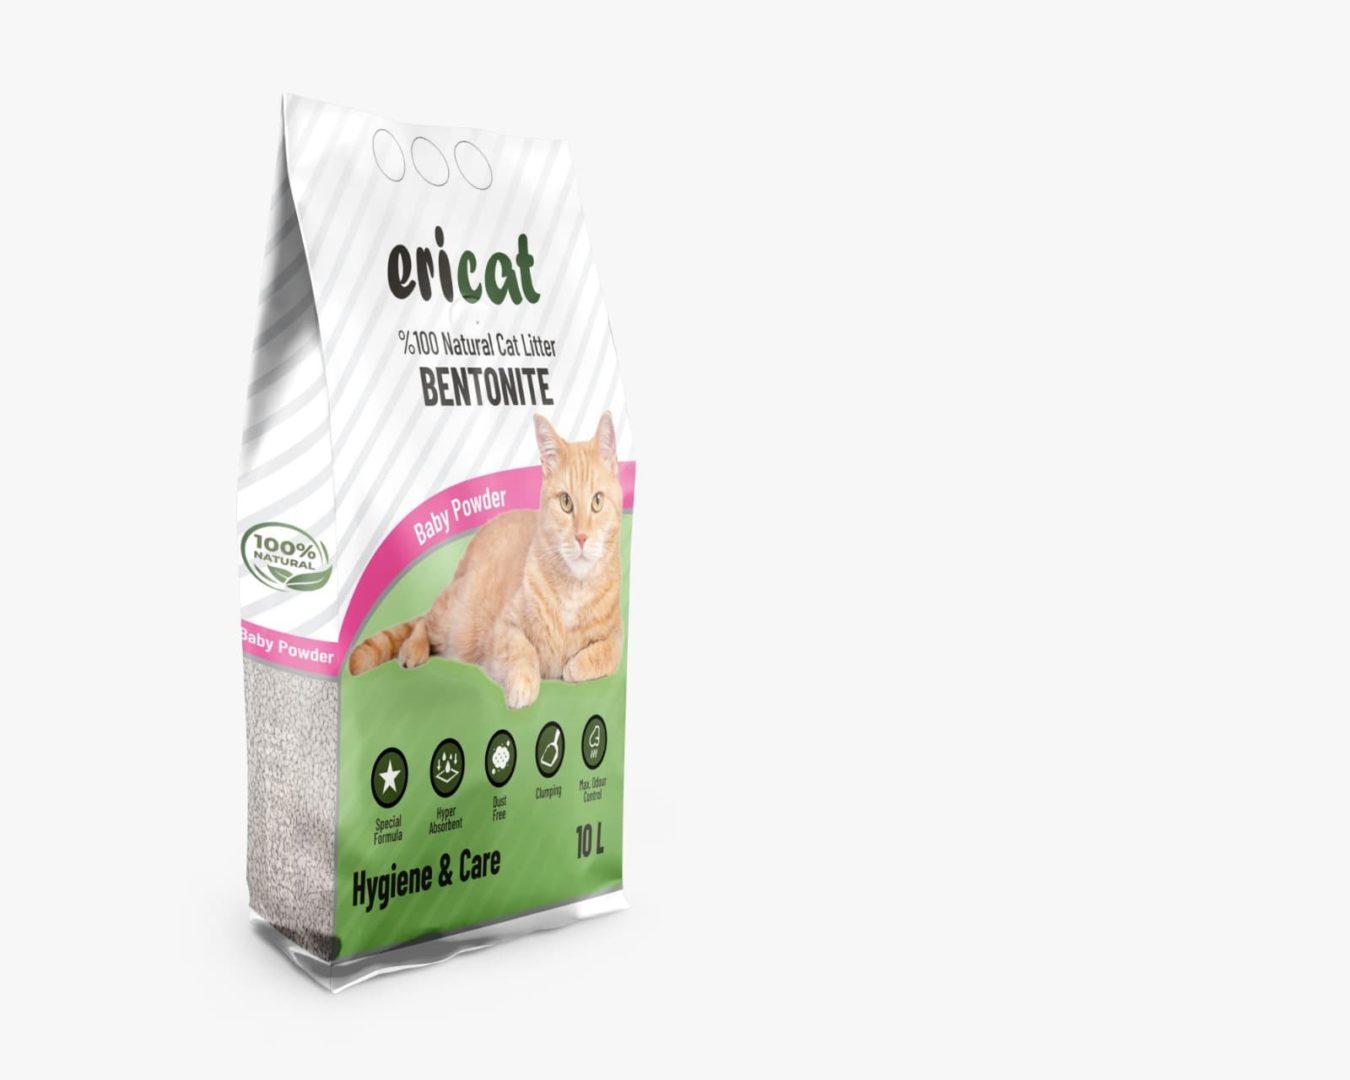 EriCat Baby Powder